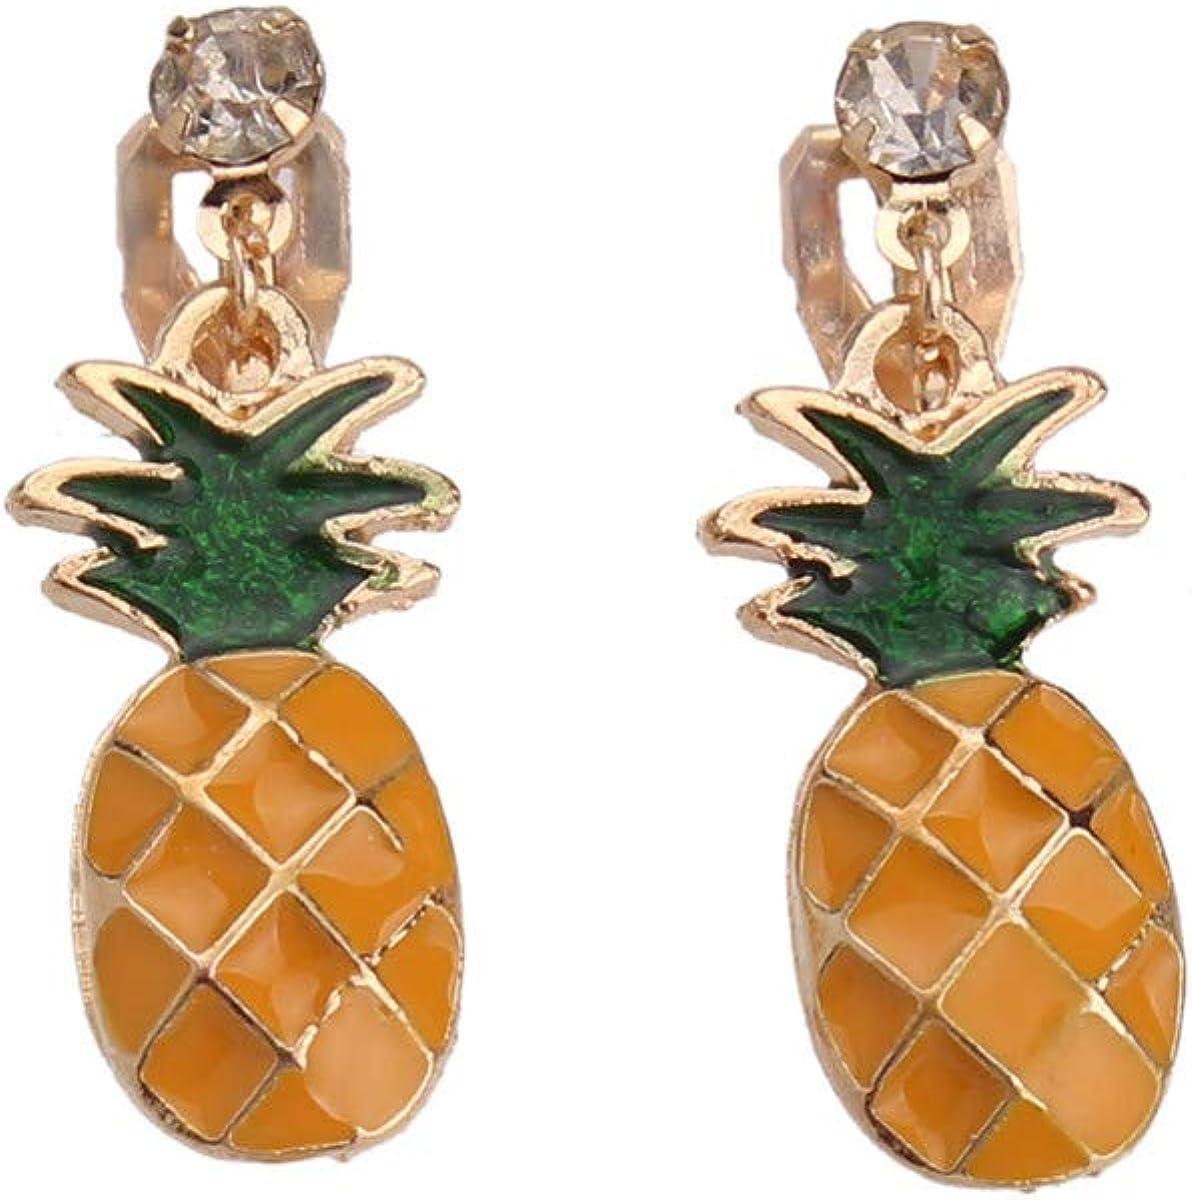 HAPPYAN Cute Enamel Fruit Omelette Umbrella Clip on Earrings Without Pierced Popular Small Earrings Anti-allergy